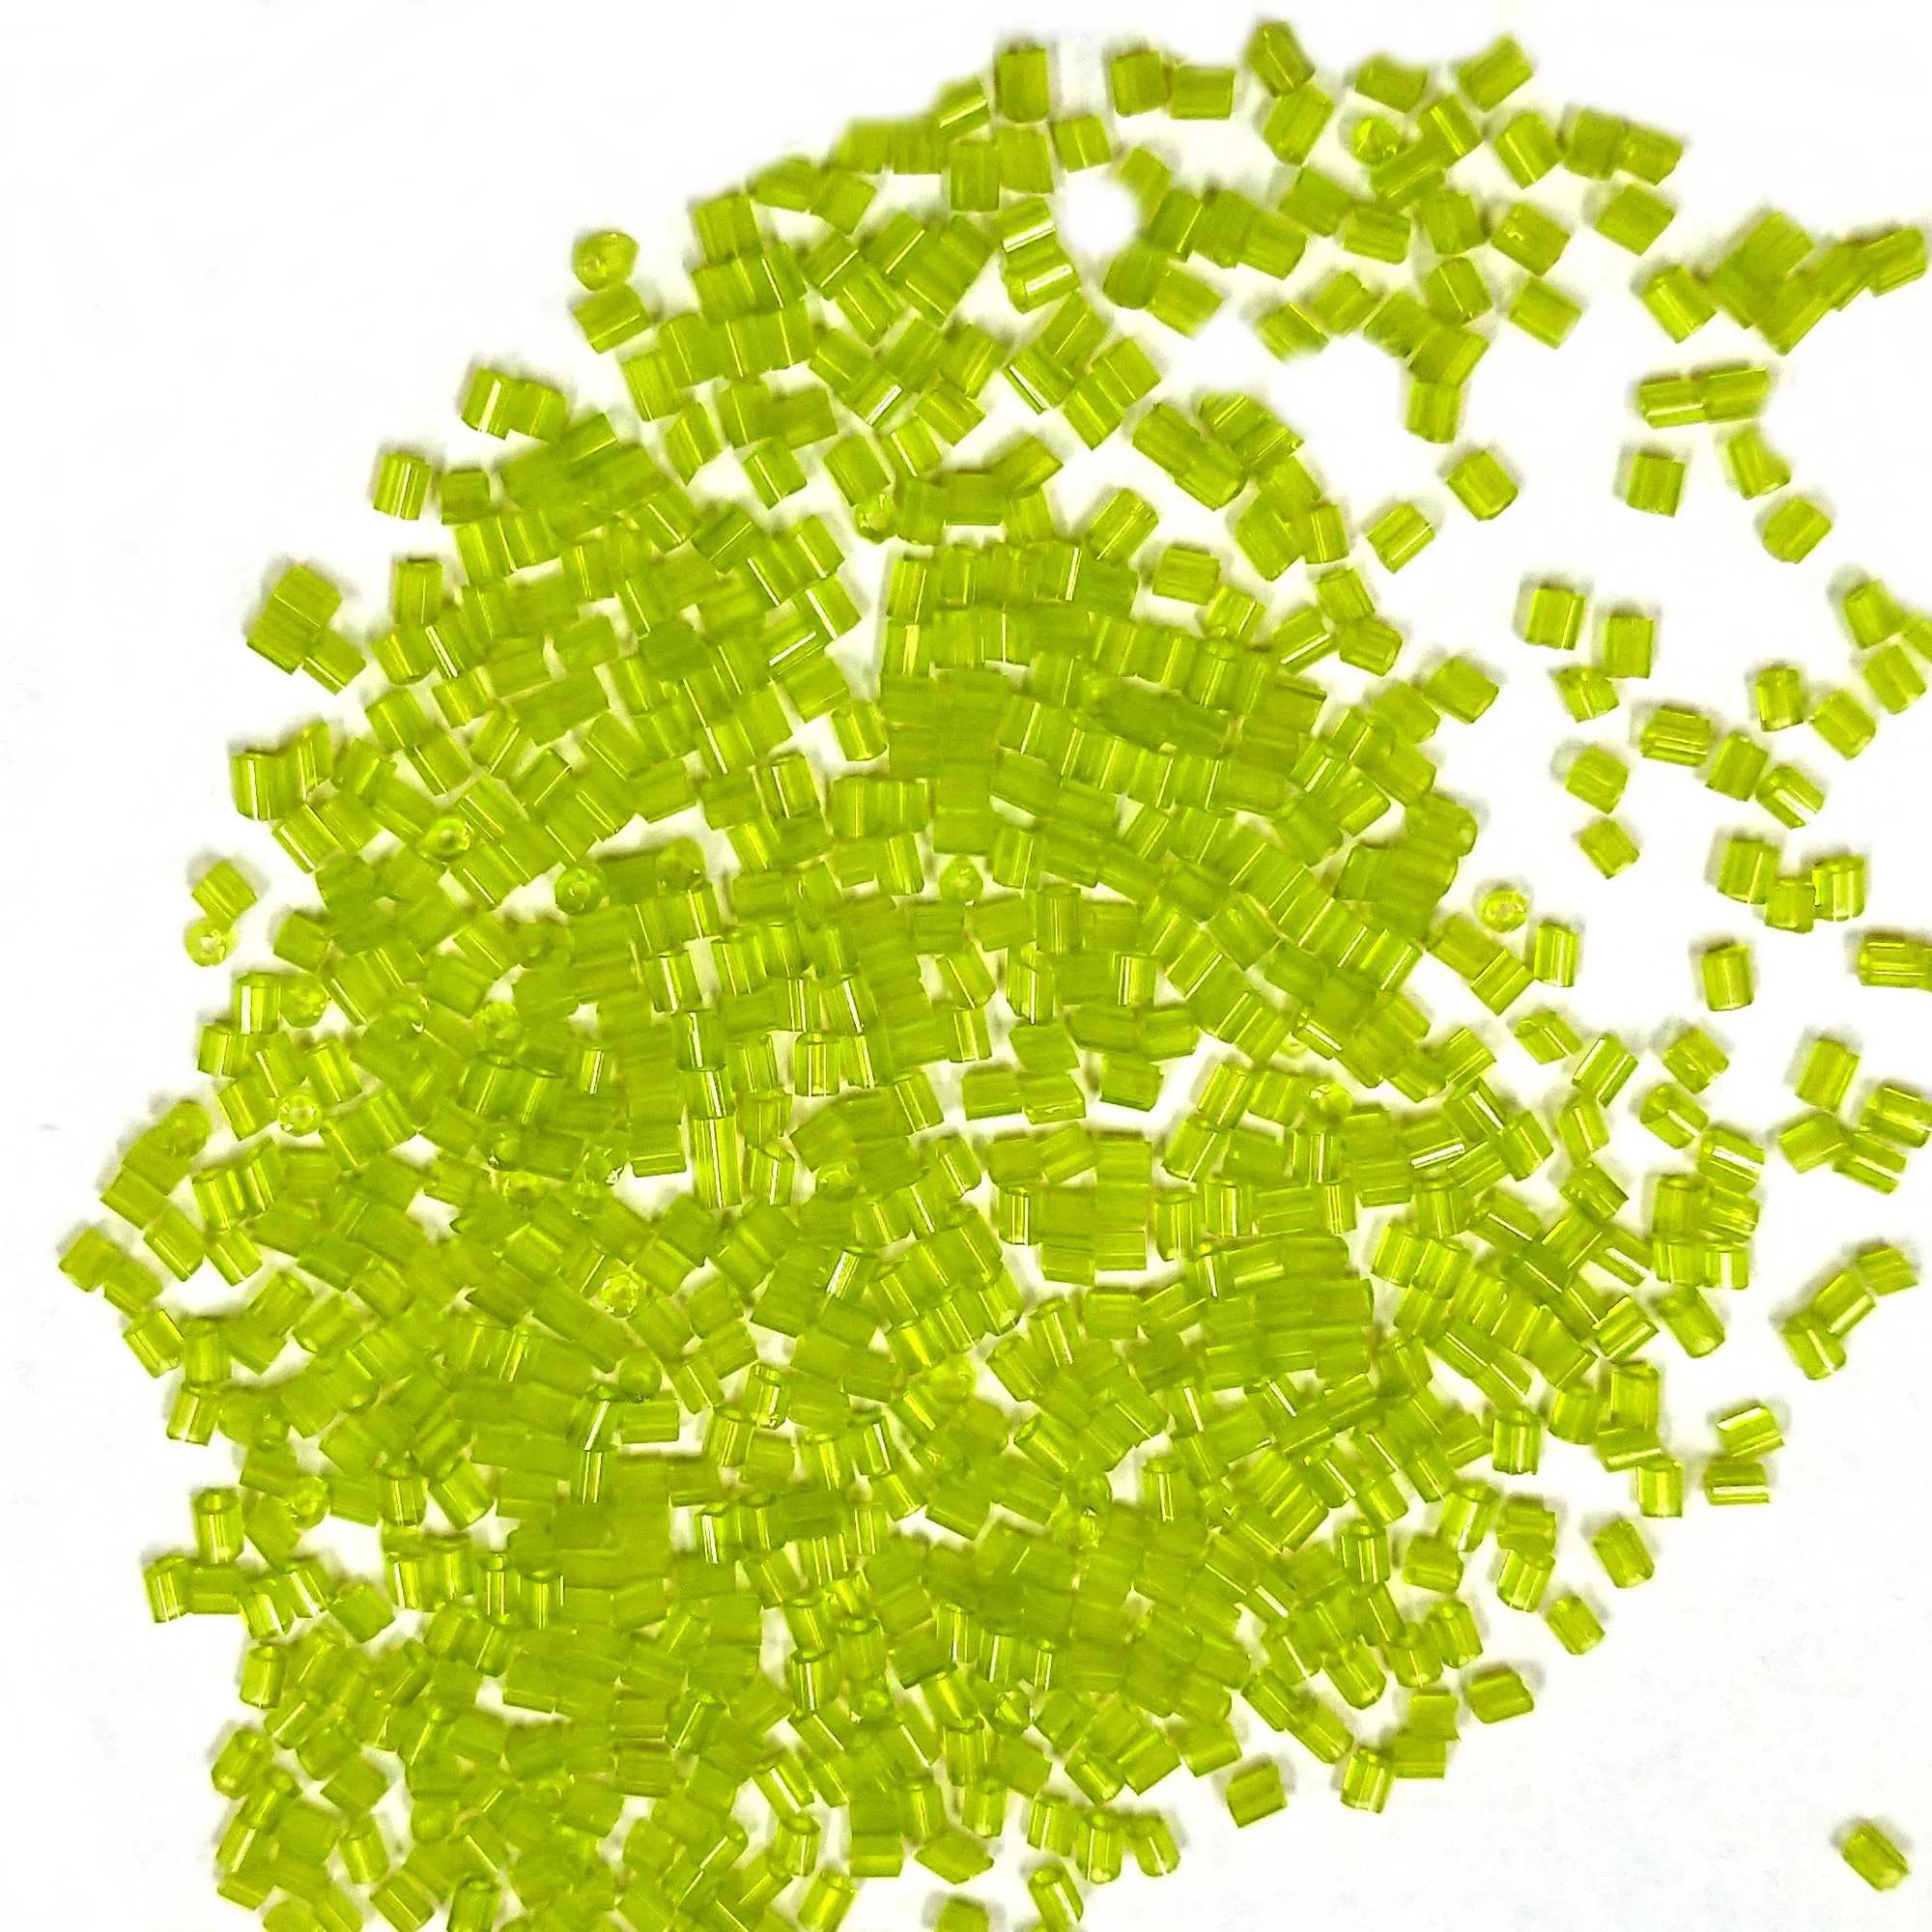 Vidrilho Transparente - c/ 500G